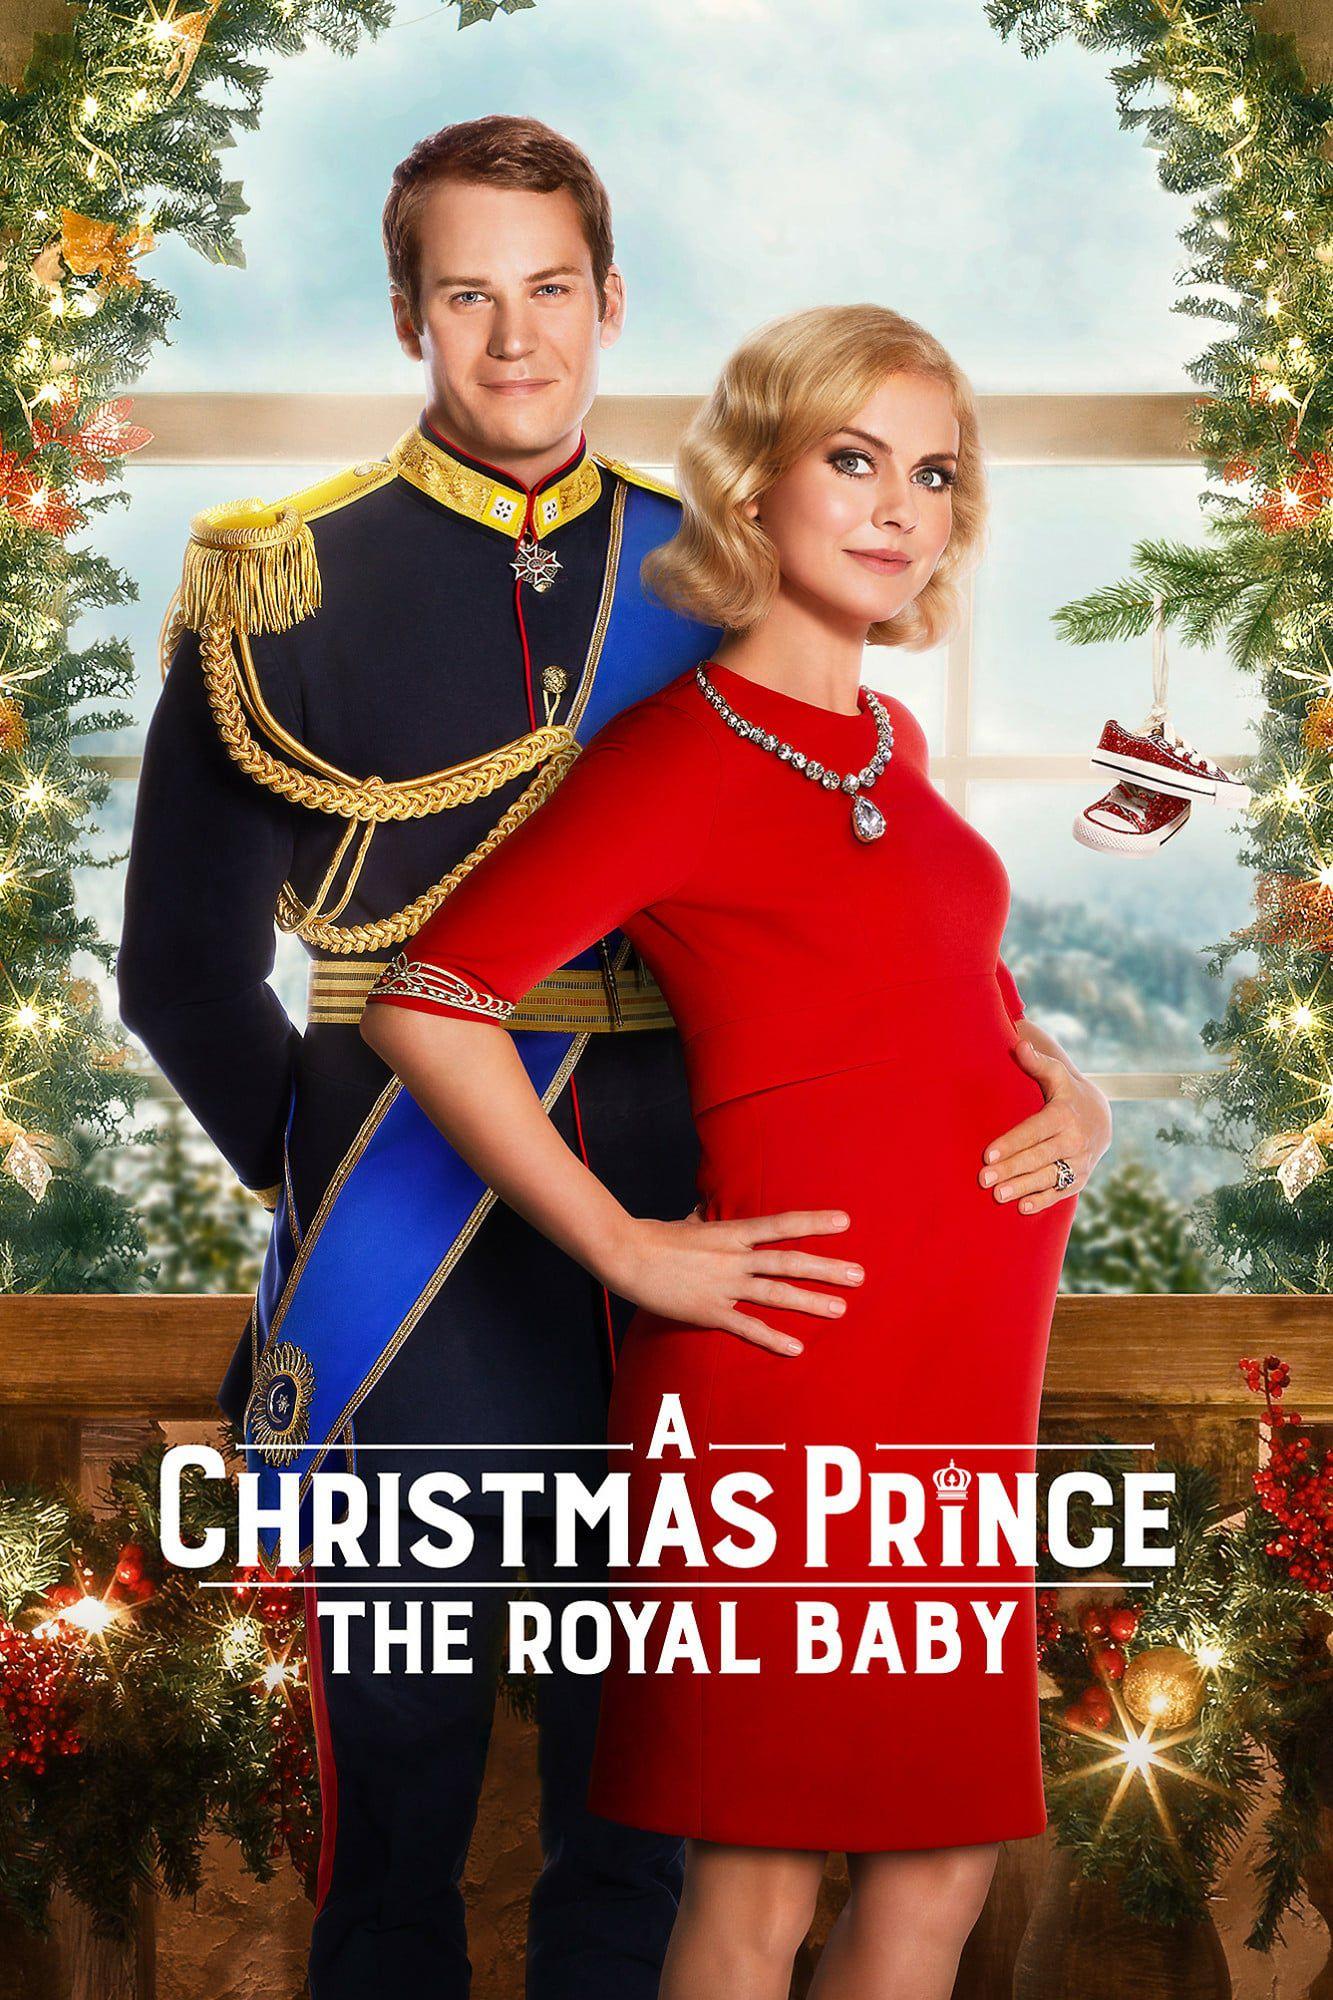 A Christmas Prince: The Royal Baby - Film (2019)